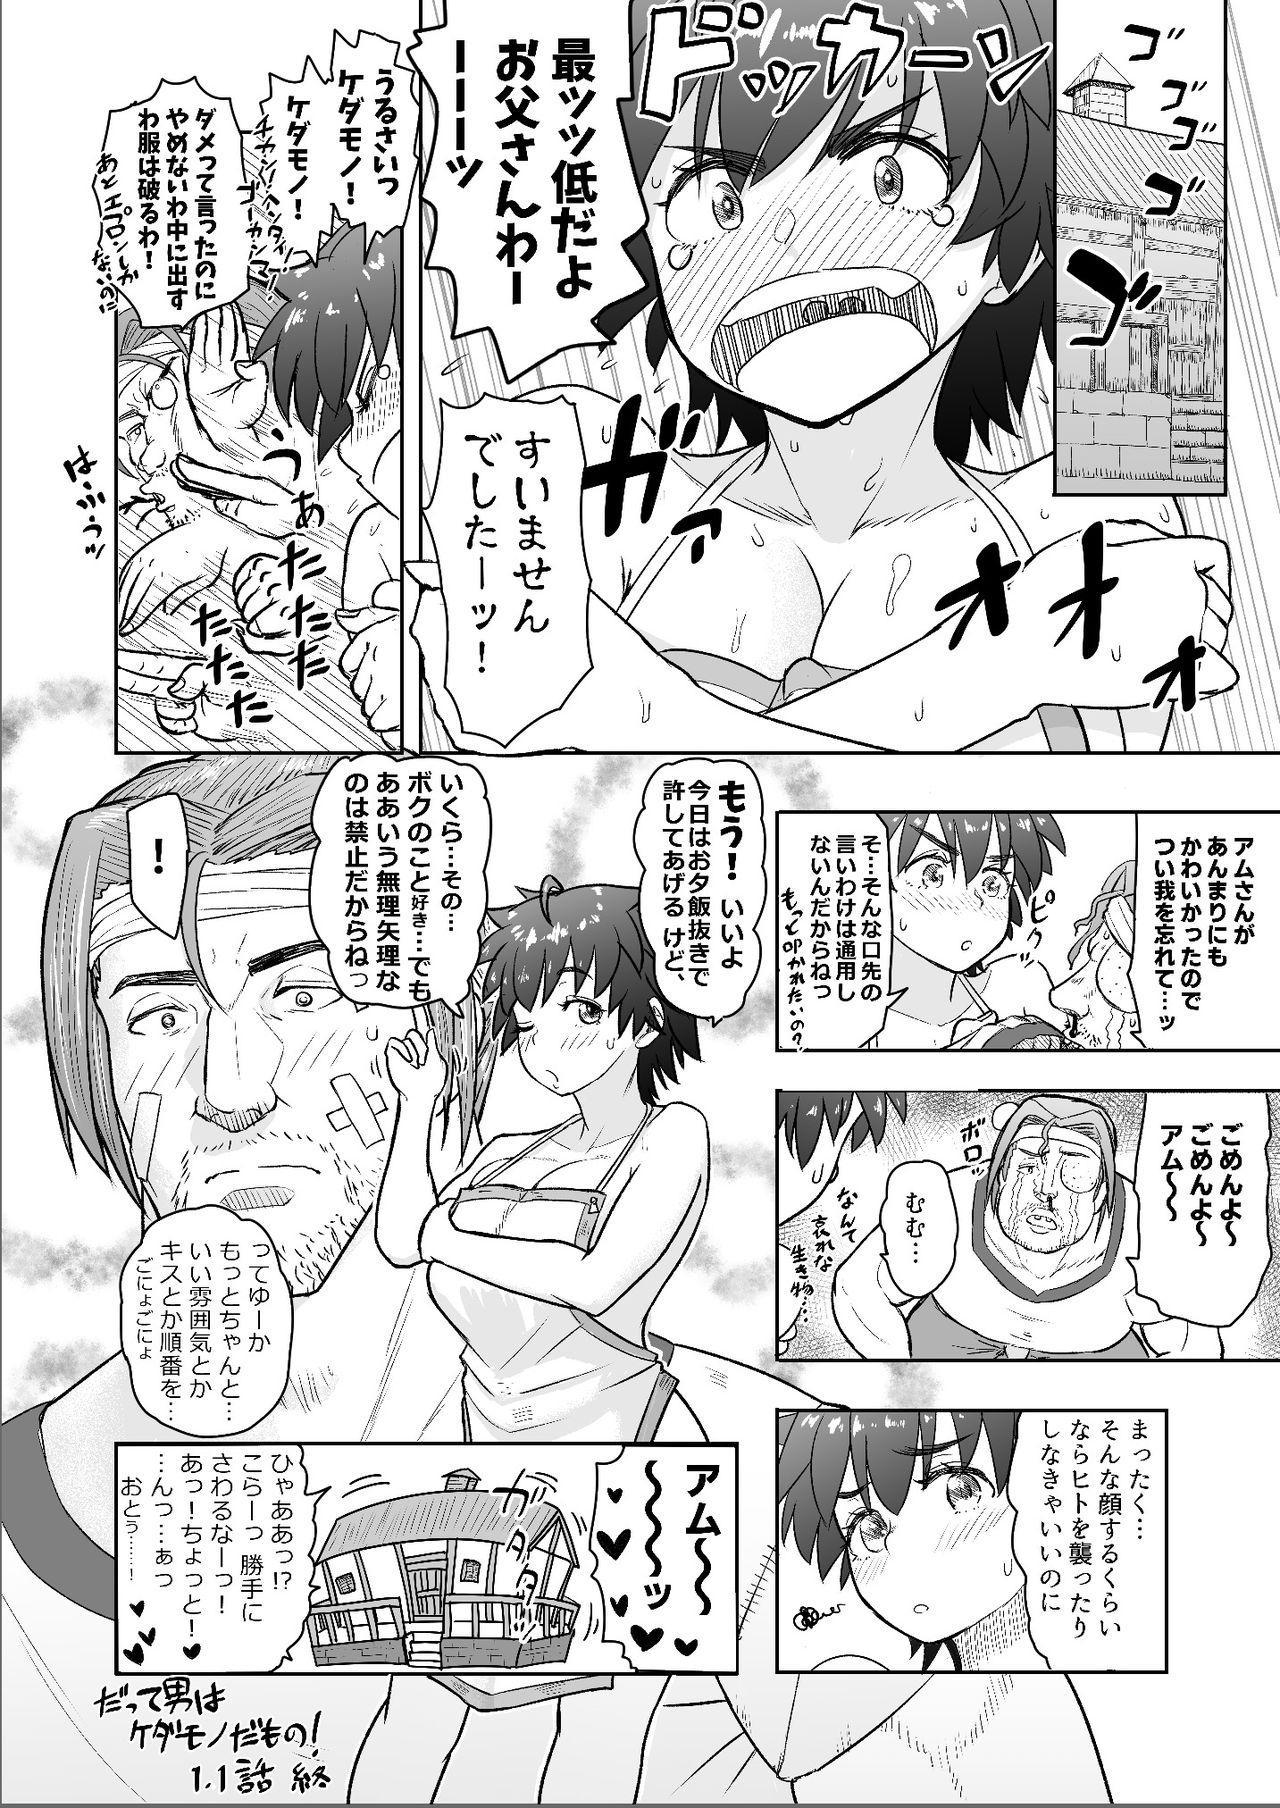 Datte Otoko wa Kedamono da mono! Dai 1.1-wa Yappari Gaman Dekinai Chichi no Juu Yoku 21